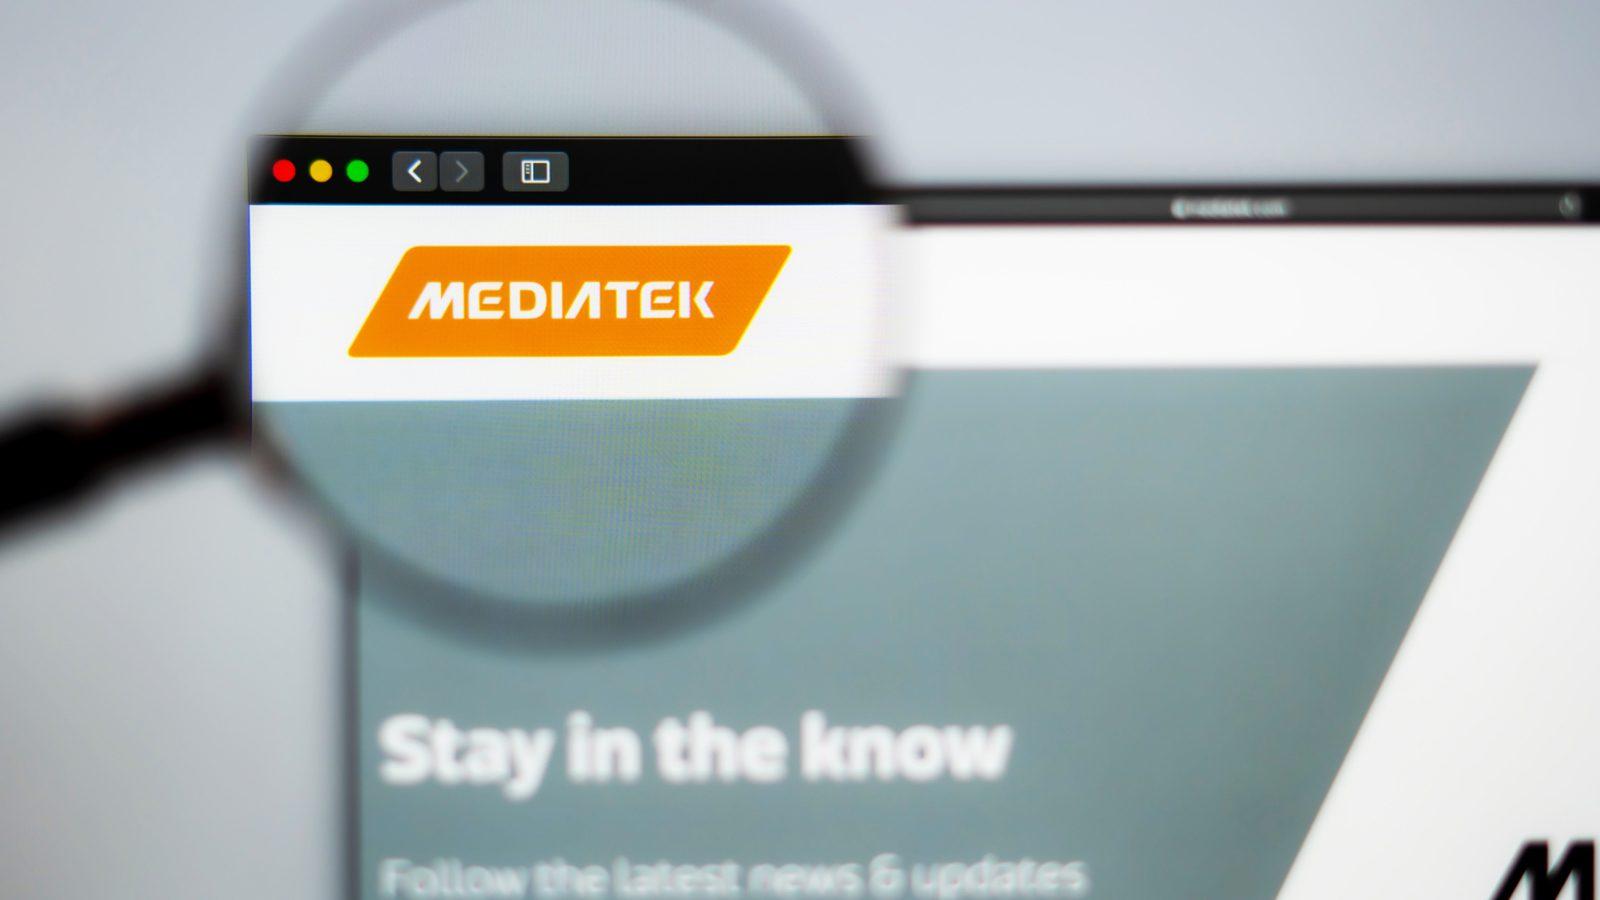 MediaTek New Chip